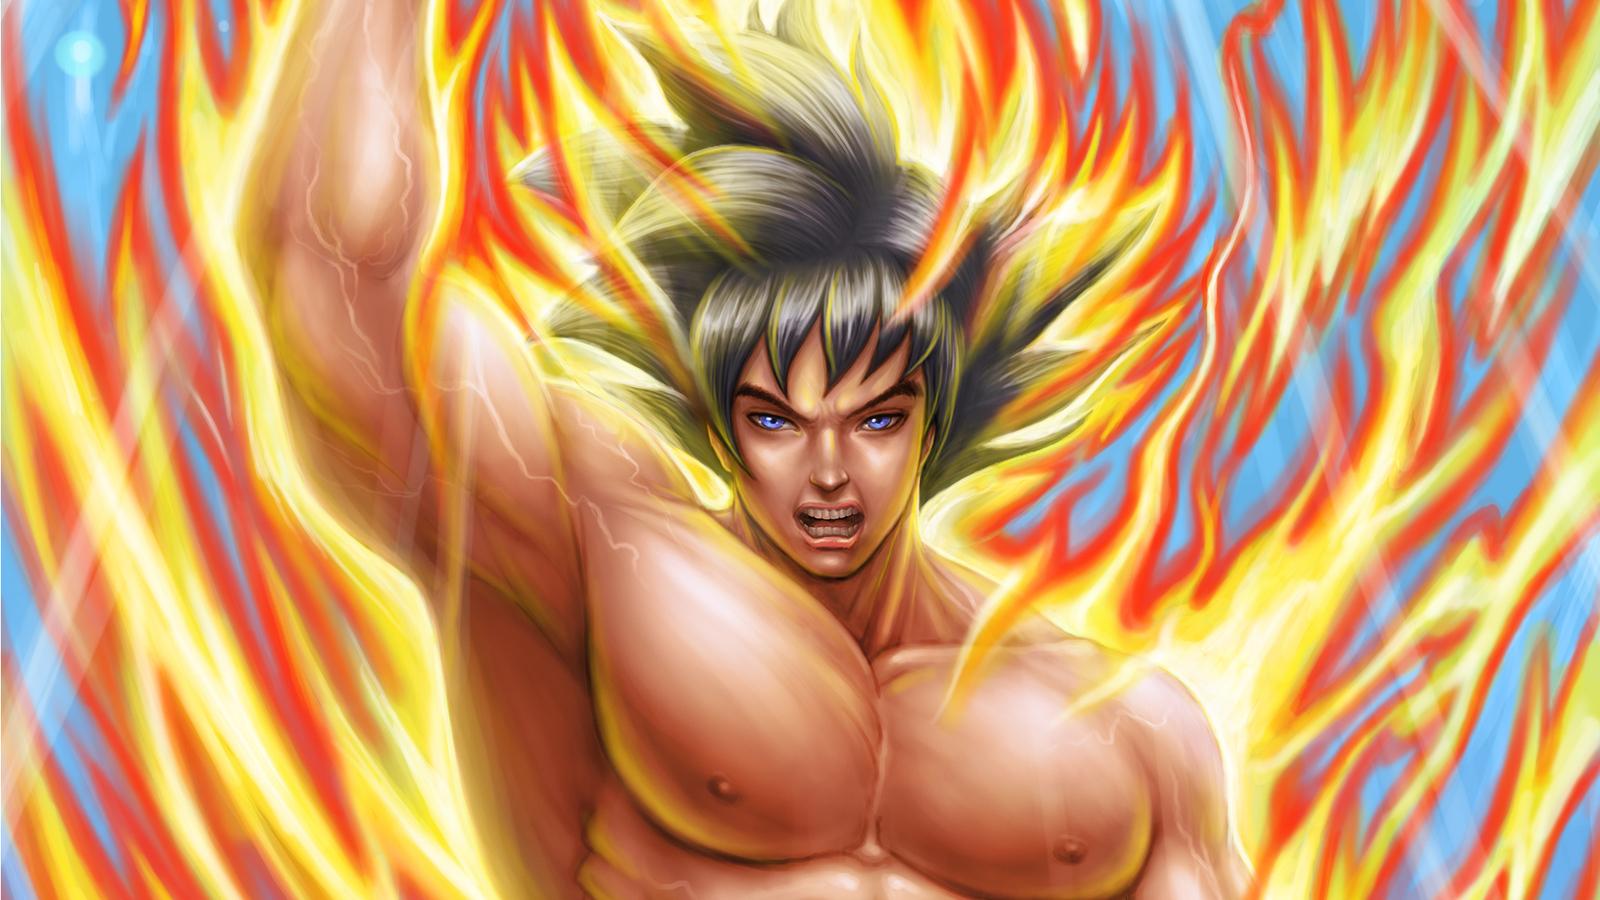 goku-anime-9x.jpg